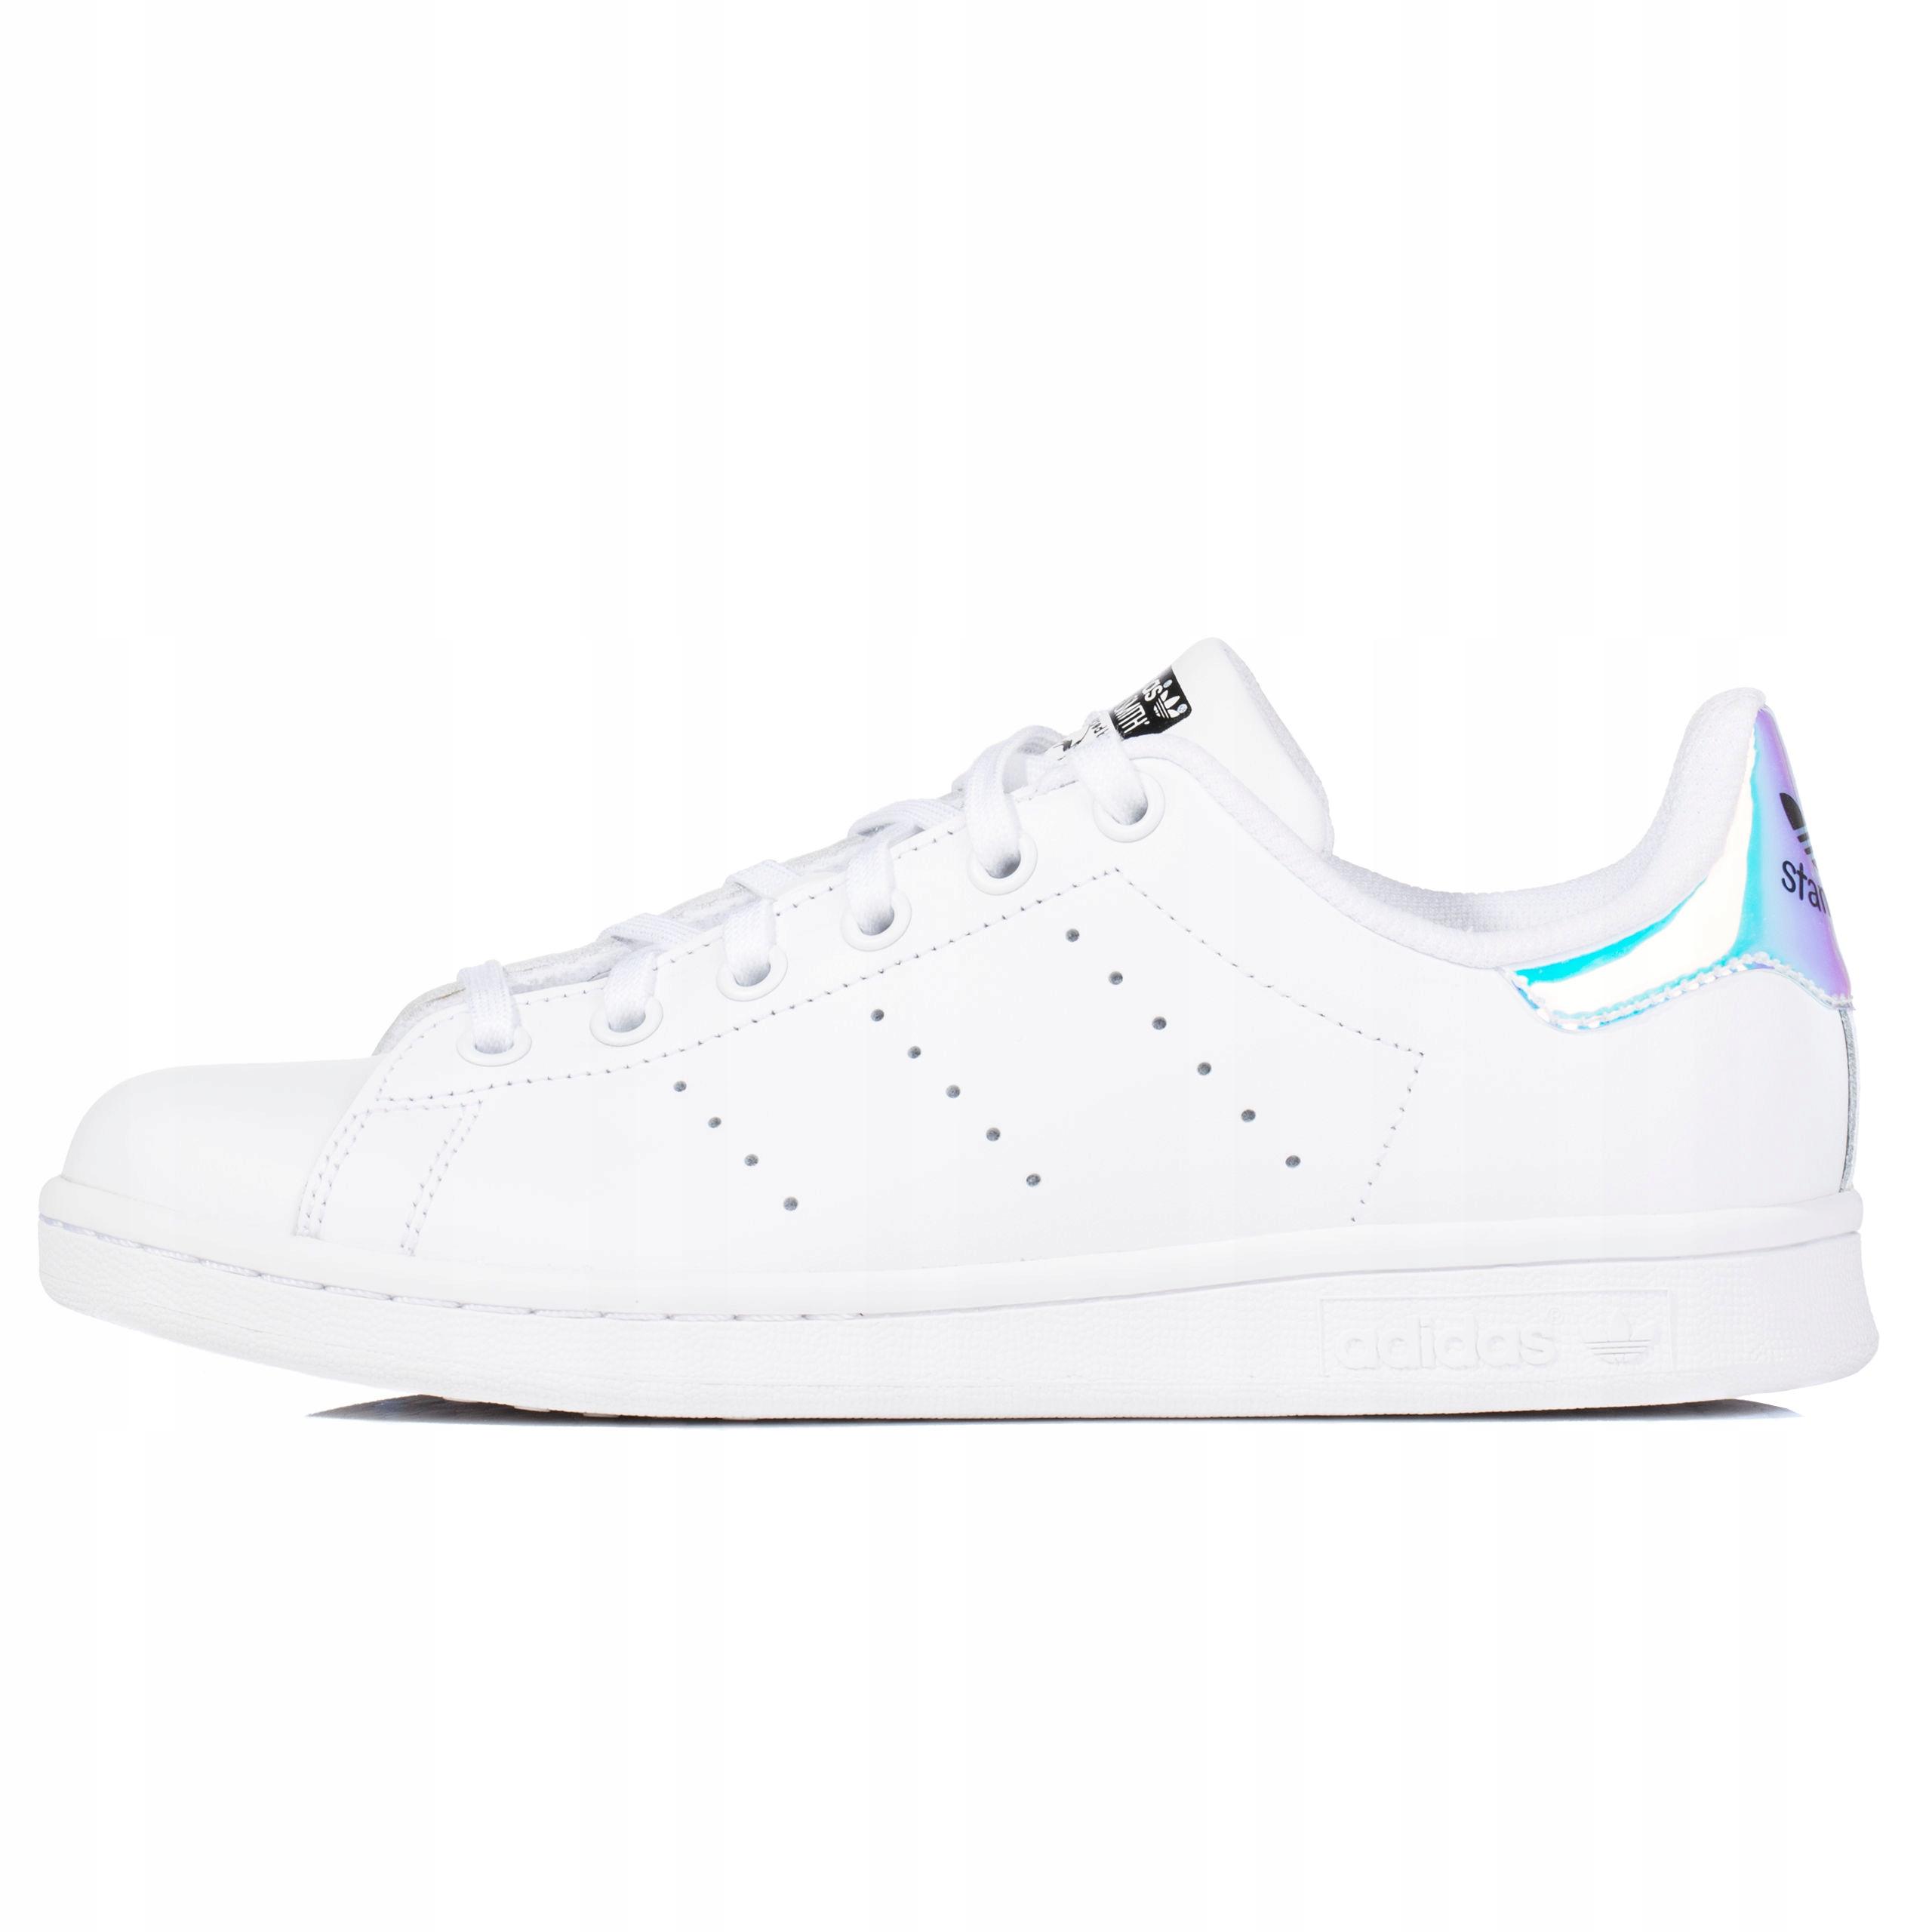 Buty damskie Adidas Stan Smith J AQ6272 7558265546